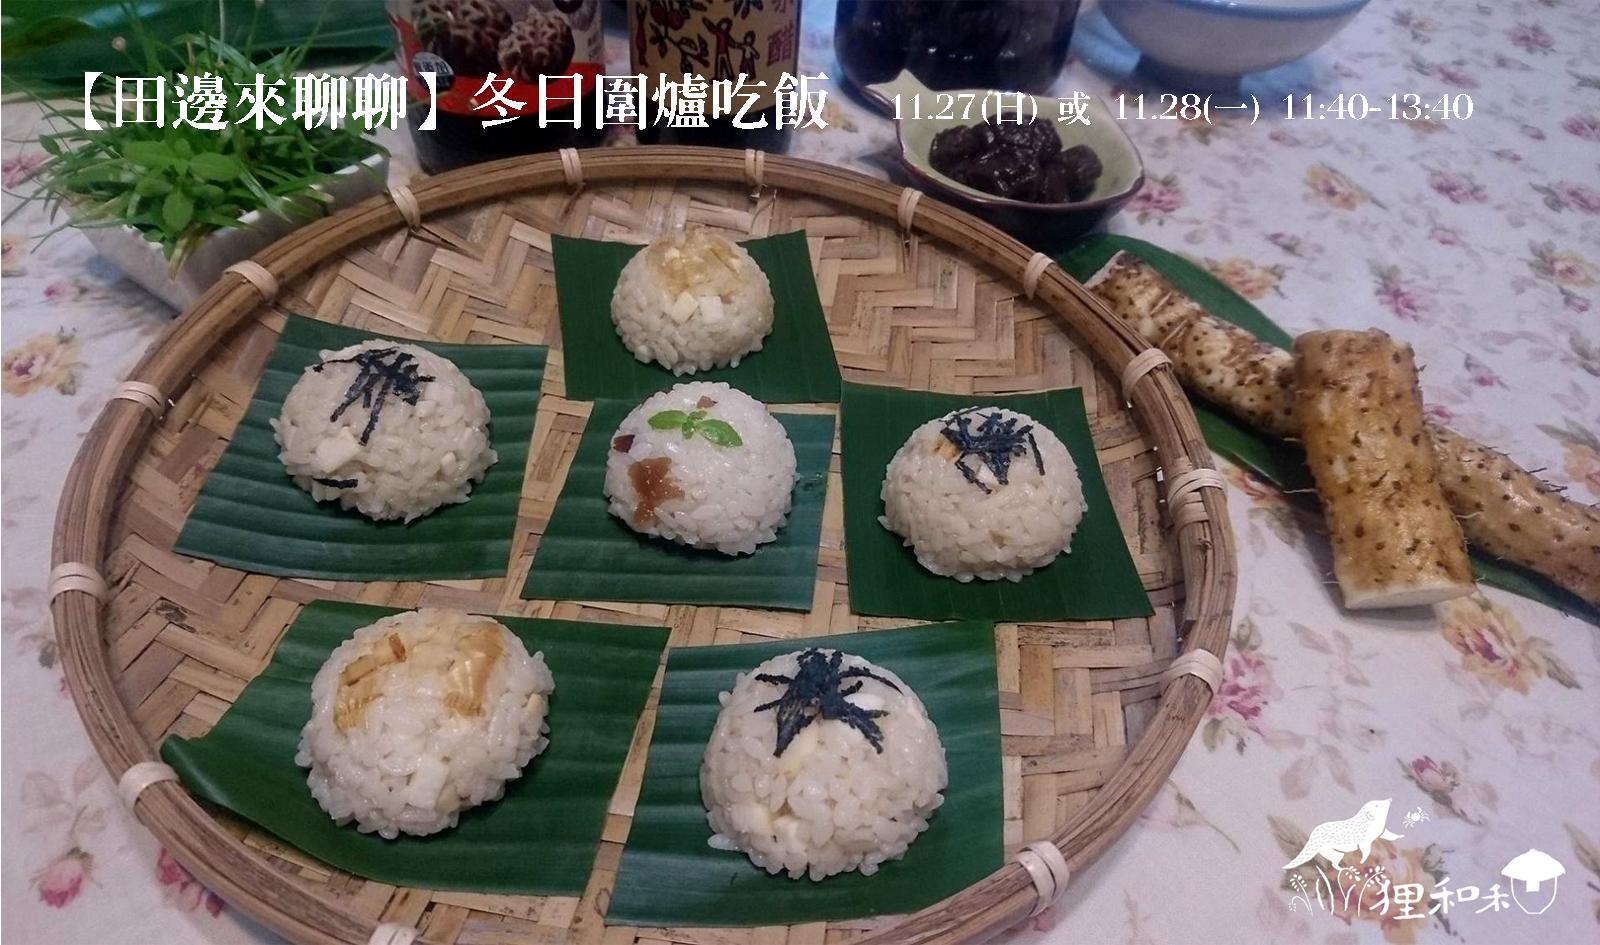 田邊來聊聊:冬日圍爐吃飯